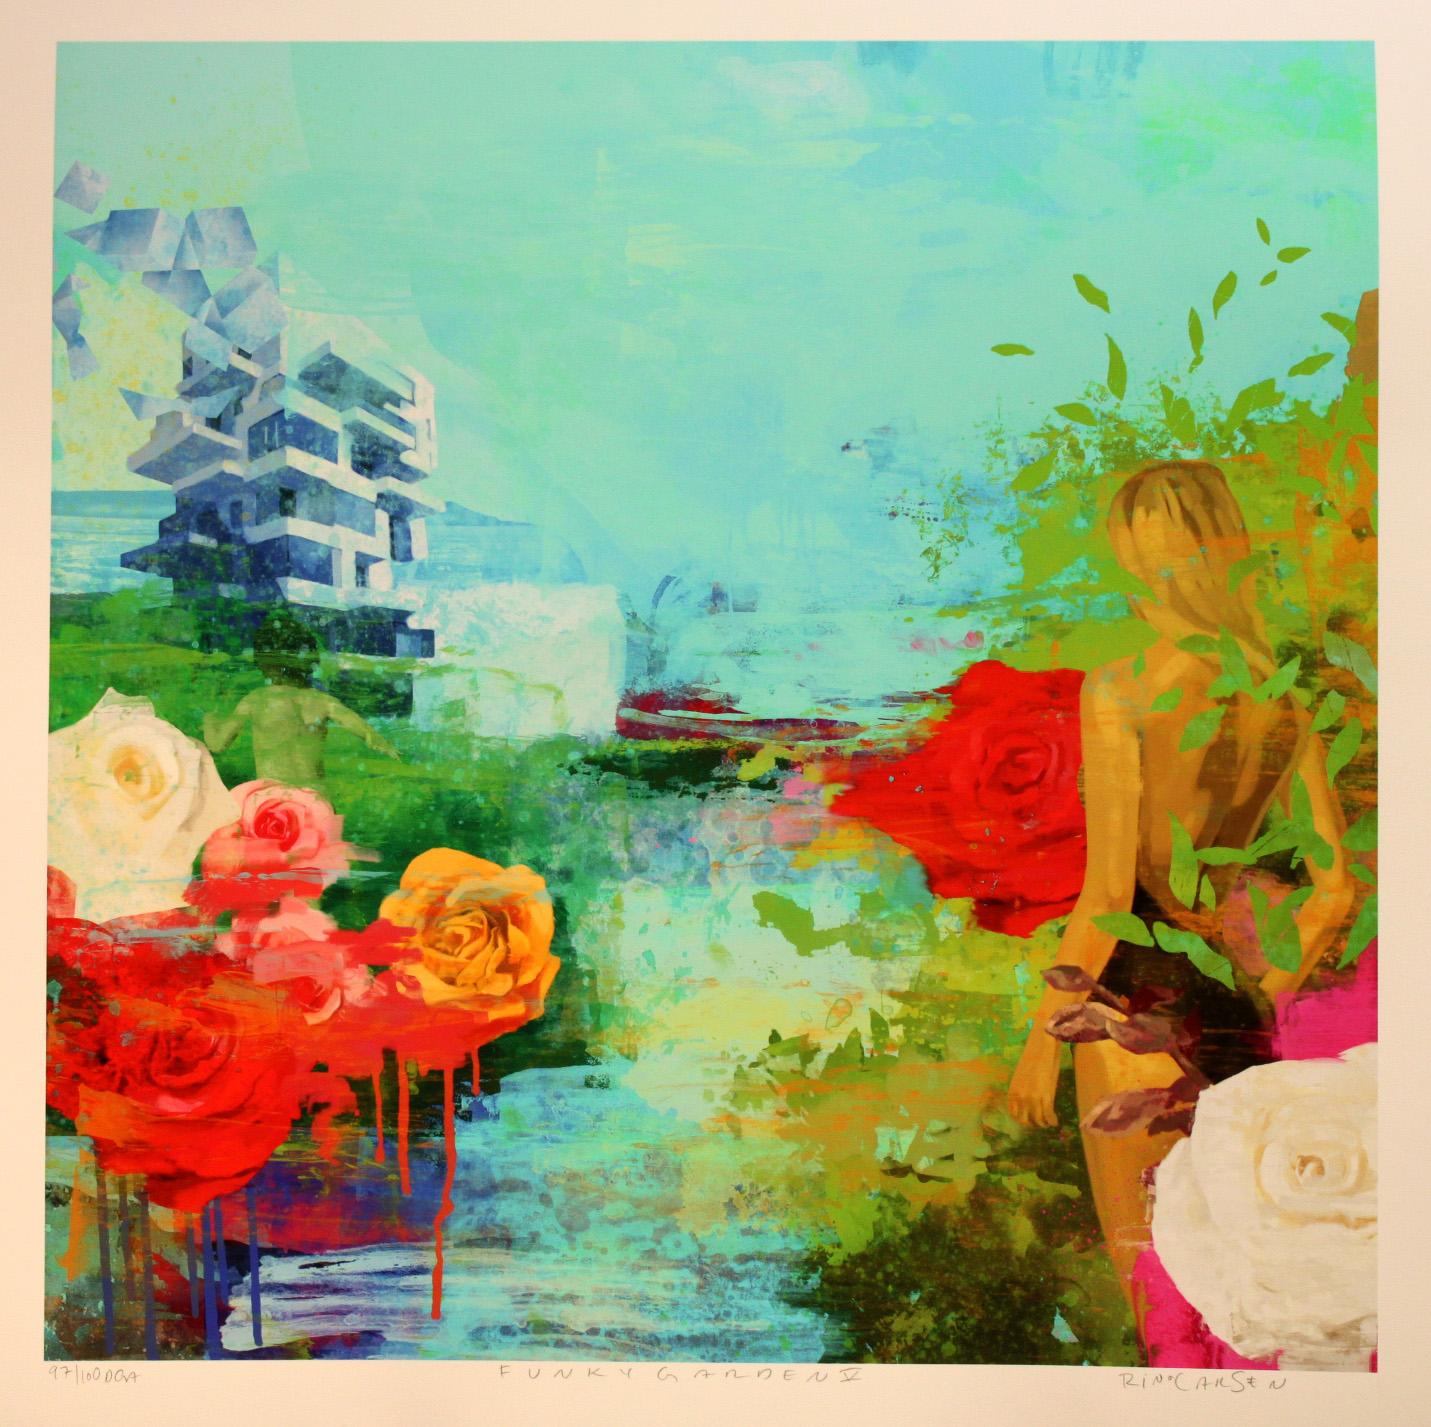 Rino Larsen – Funky garden 5